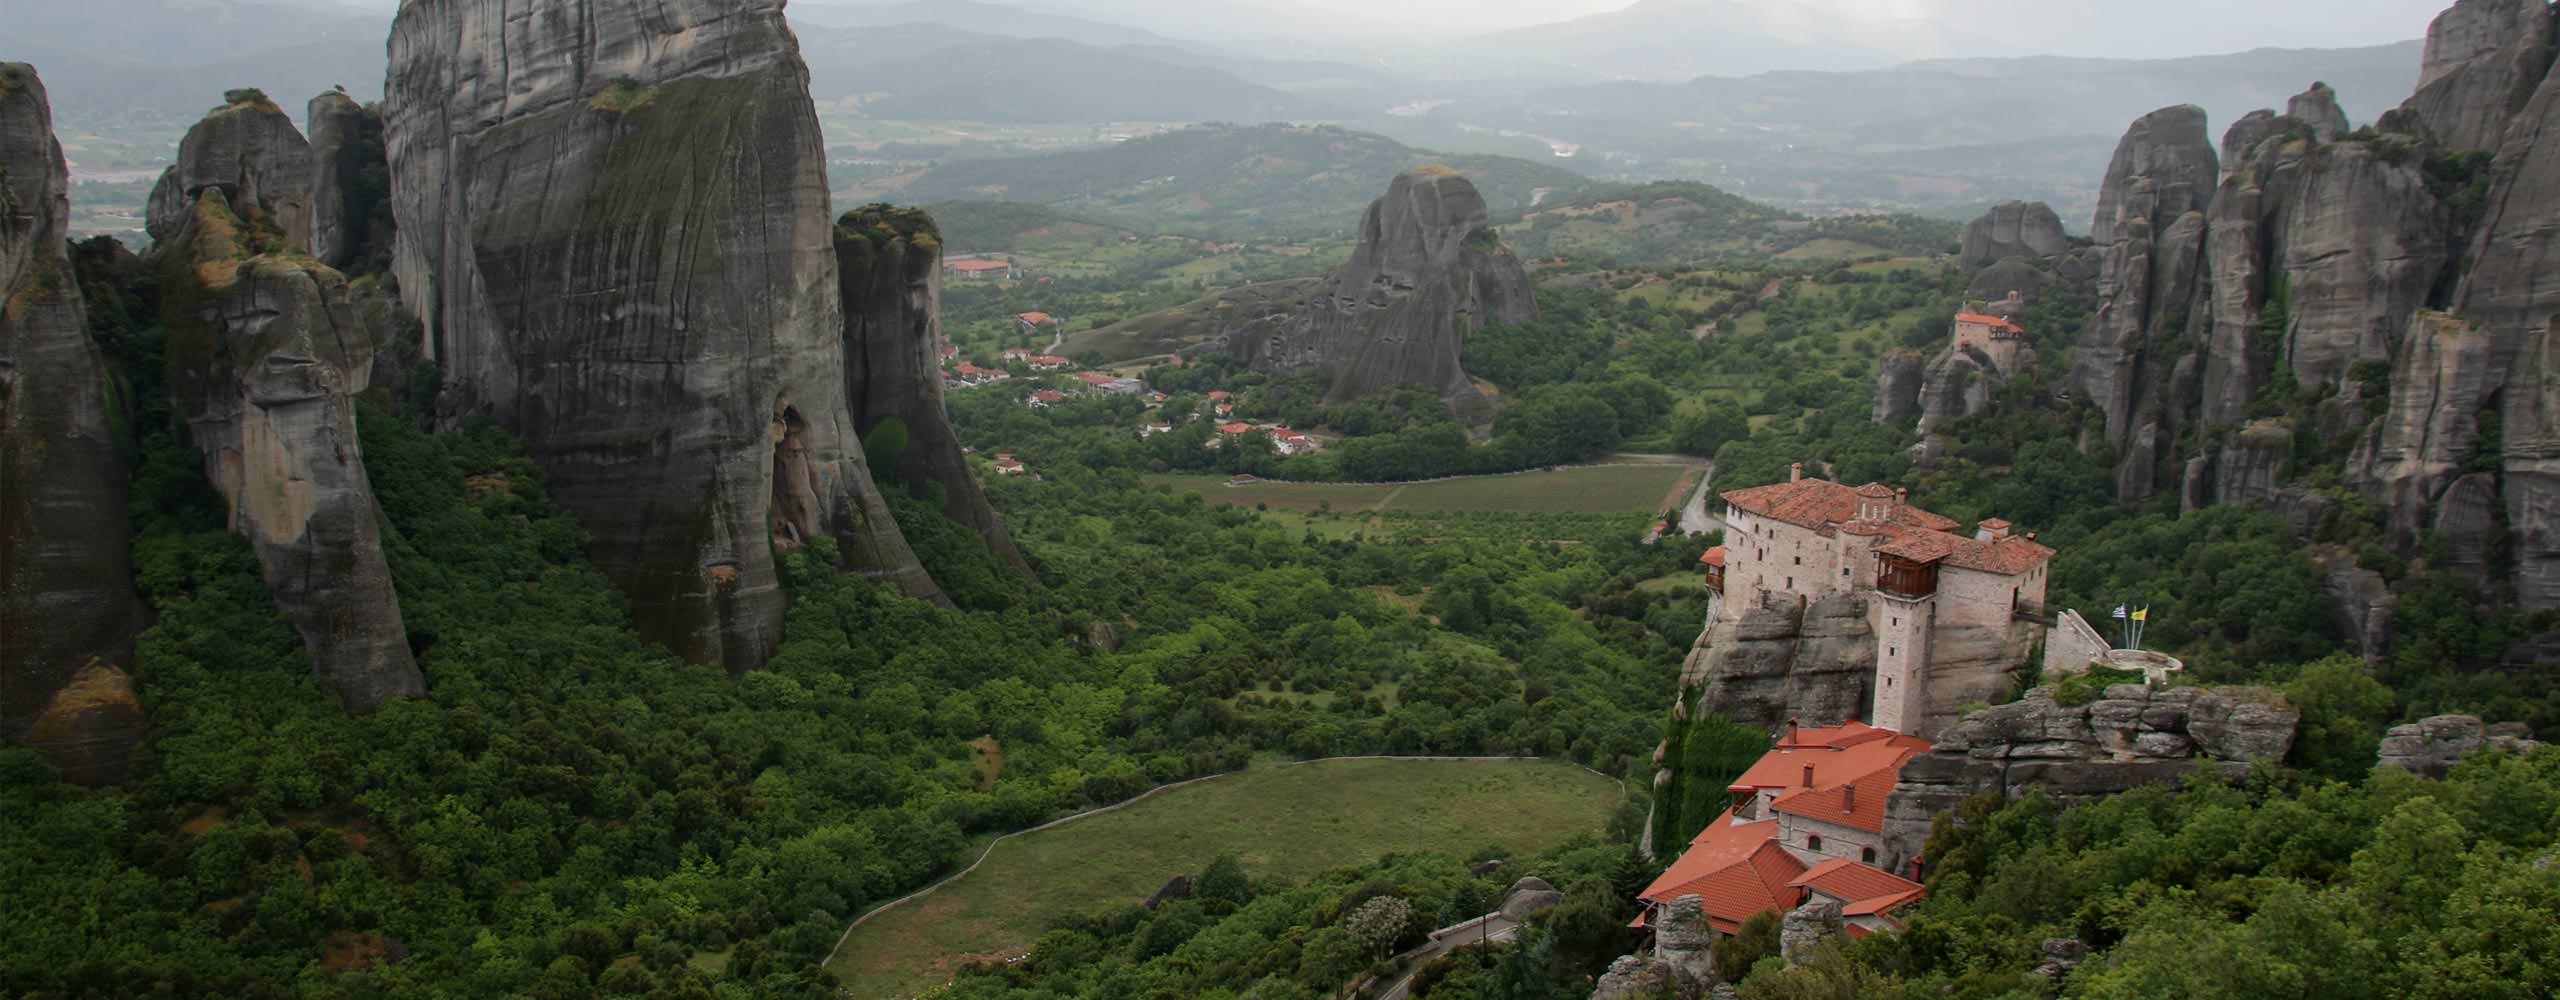 מטאורה: סיפורים של המנזרים התלויים באוויר